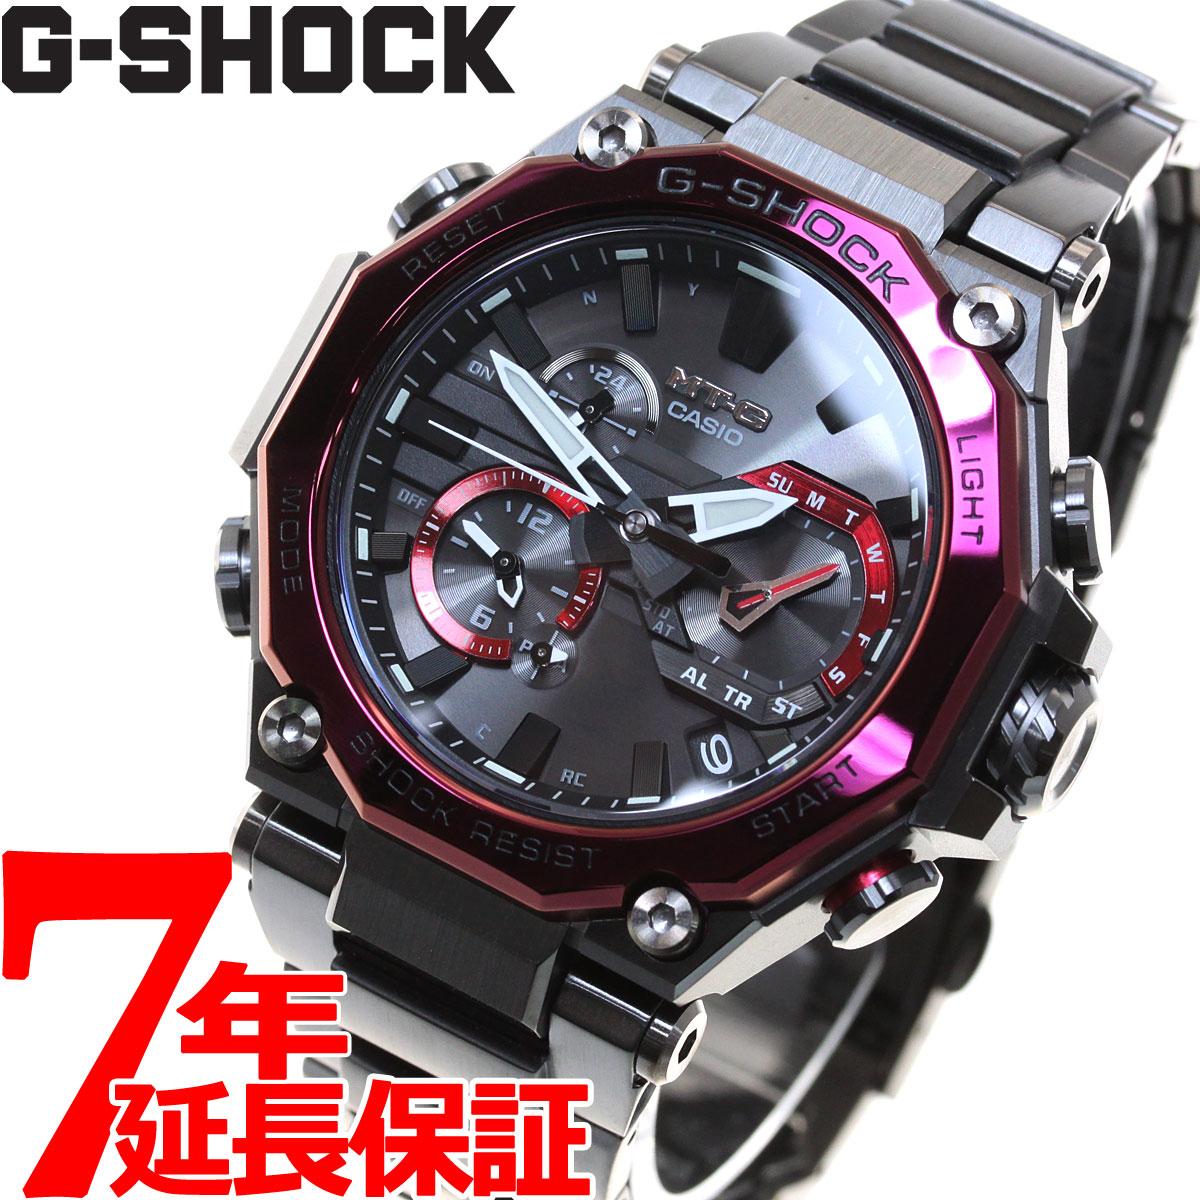 腕時計, メンズ腕時計 MT-G G-SHOCK G CASIO MTG-B2000BD-1A4JF